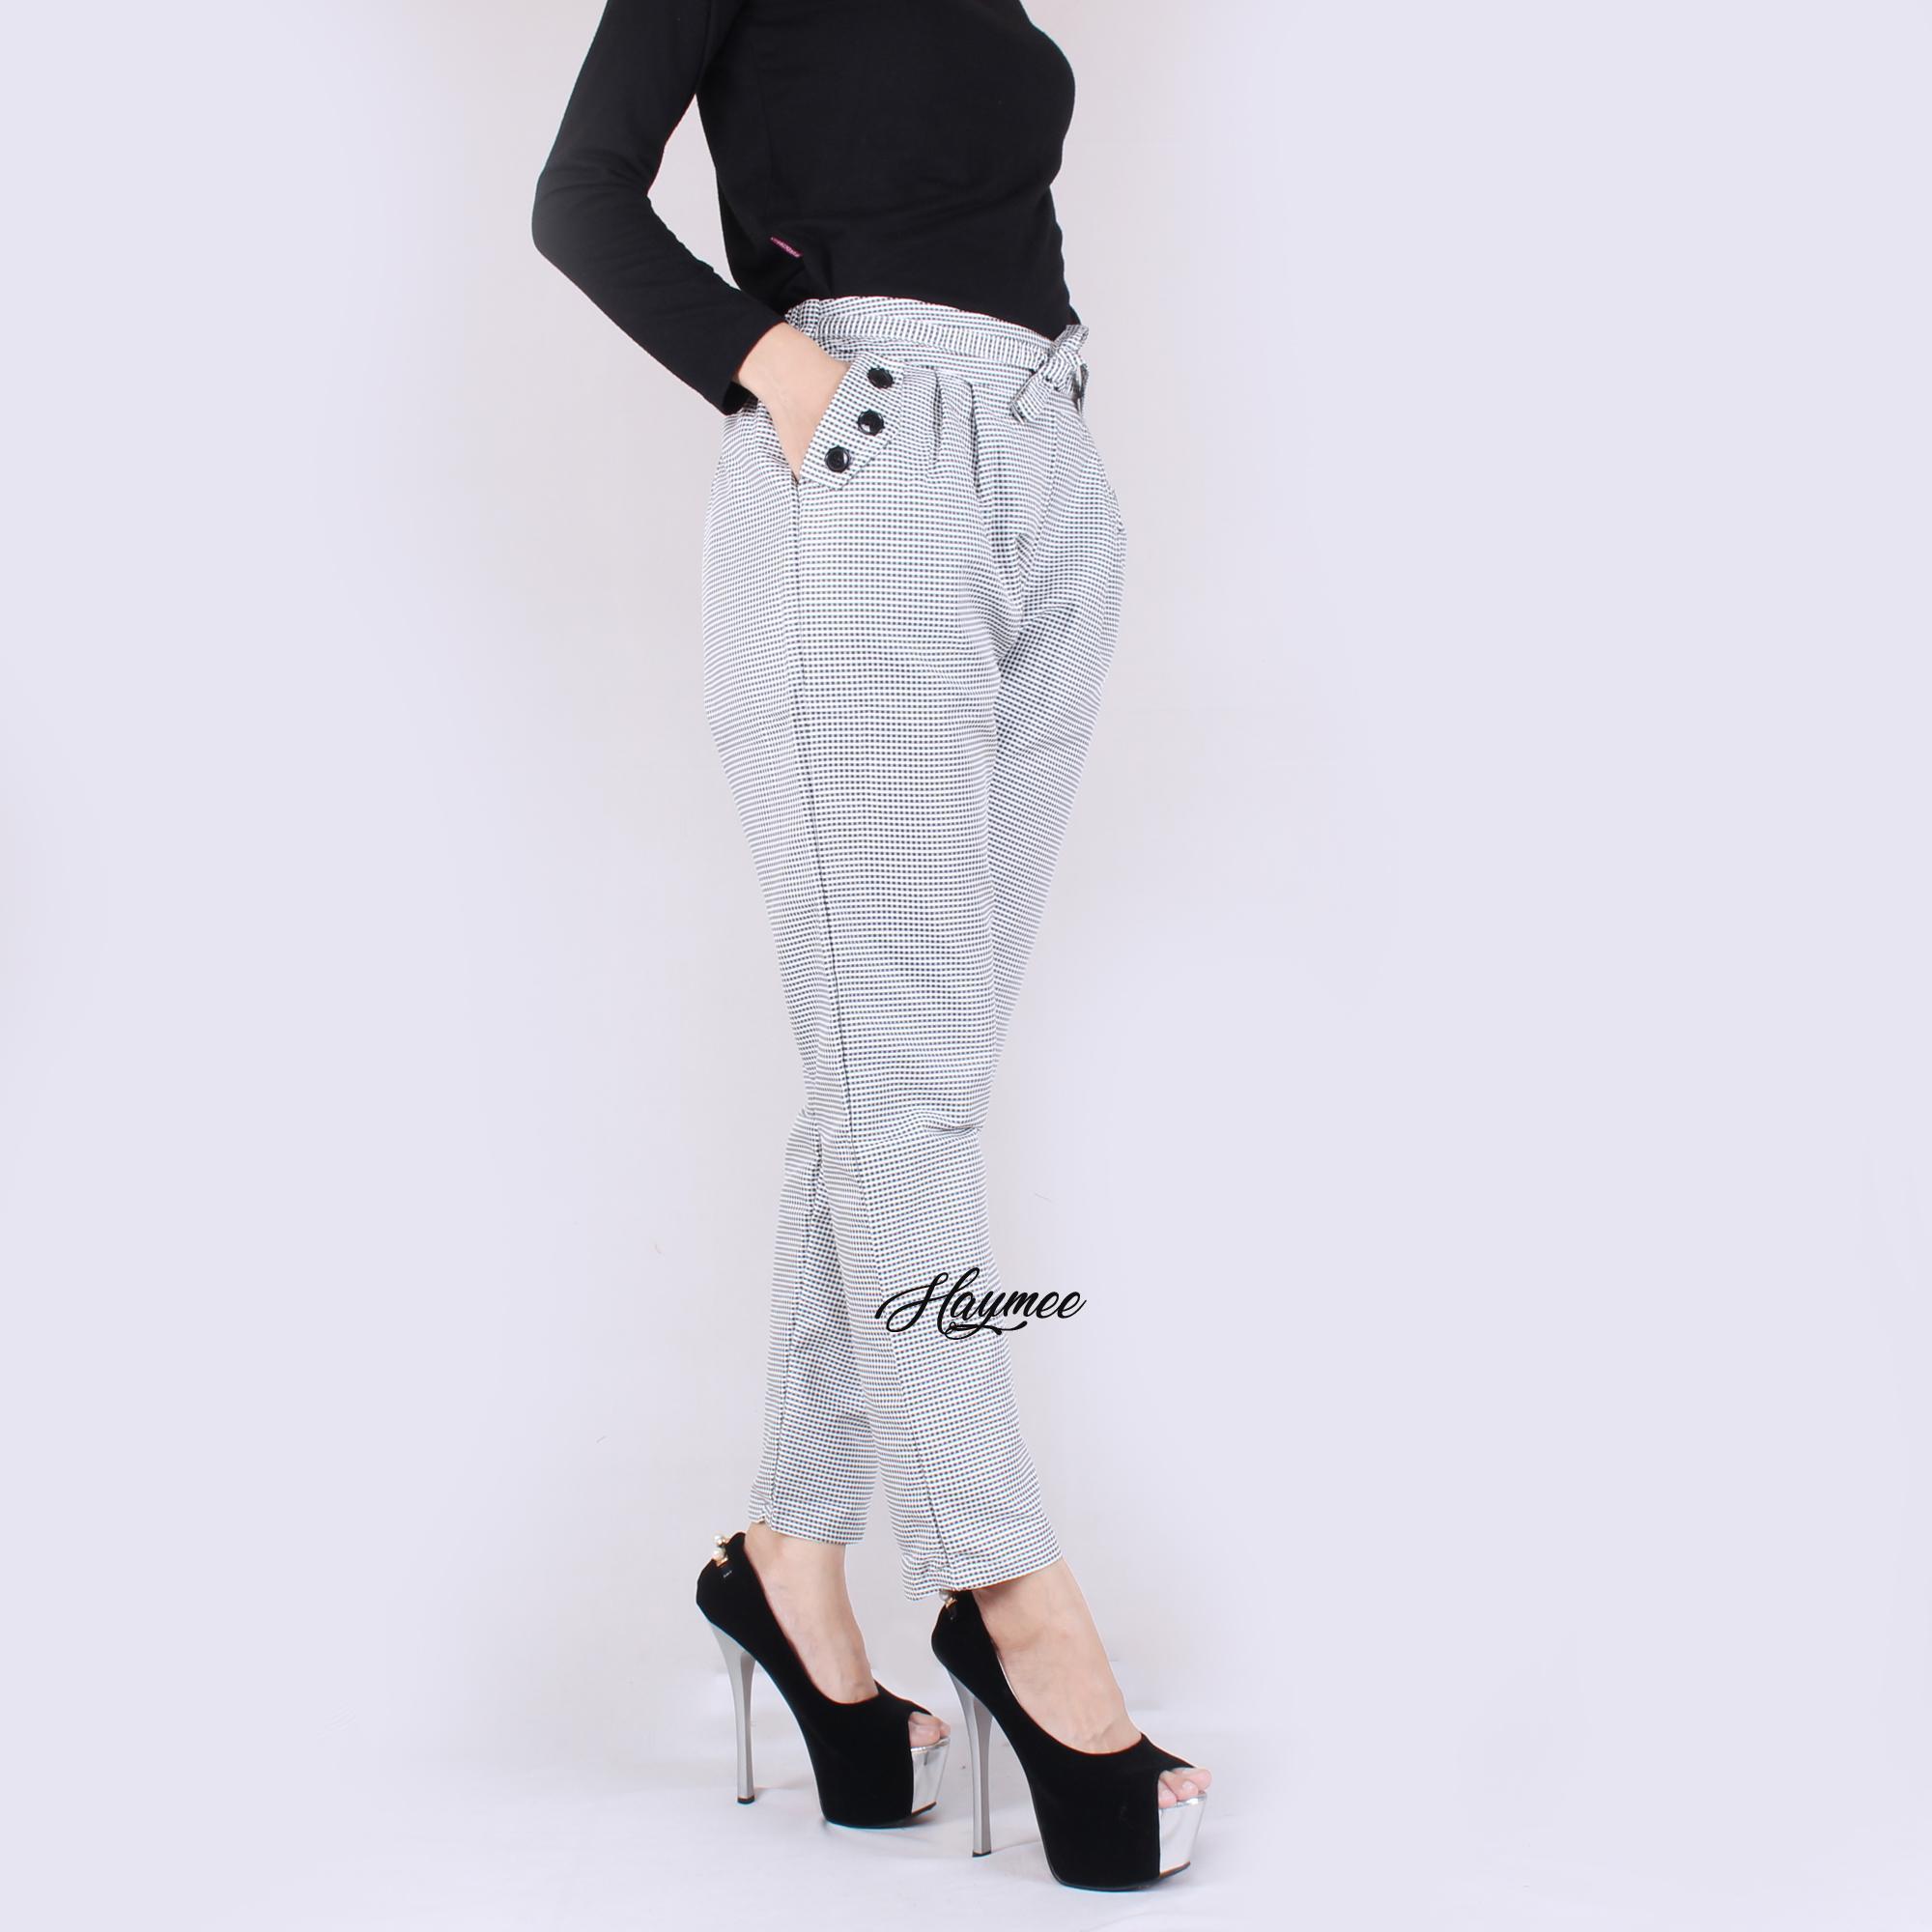 HaymeeStore Celana Dakota Basic Relax and Loose Office Pants Bawahan Formal Kantor Cewek